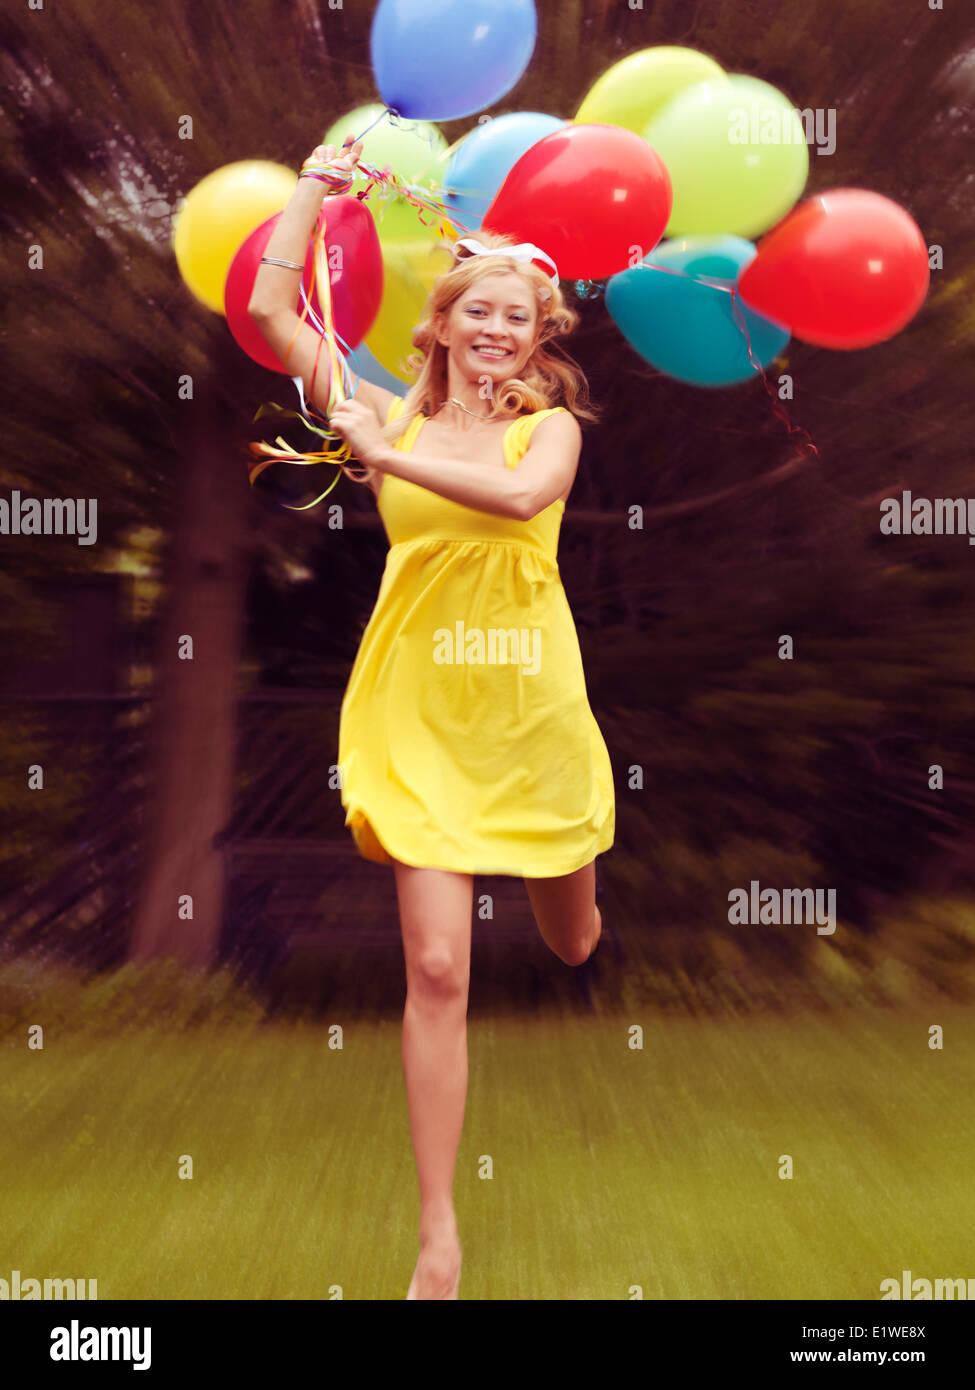 Feliz joven en ropa de verano corriendo con globos de colores Imagen De Stock